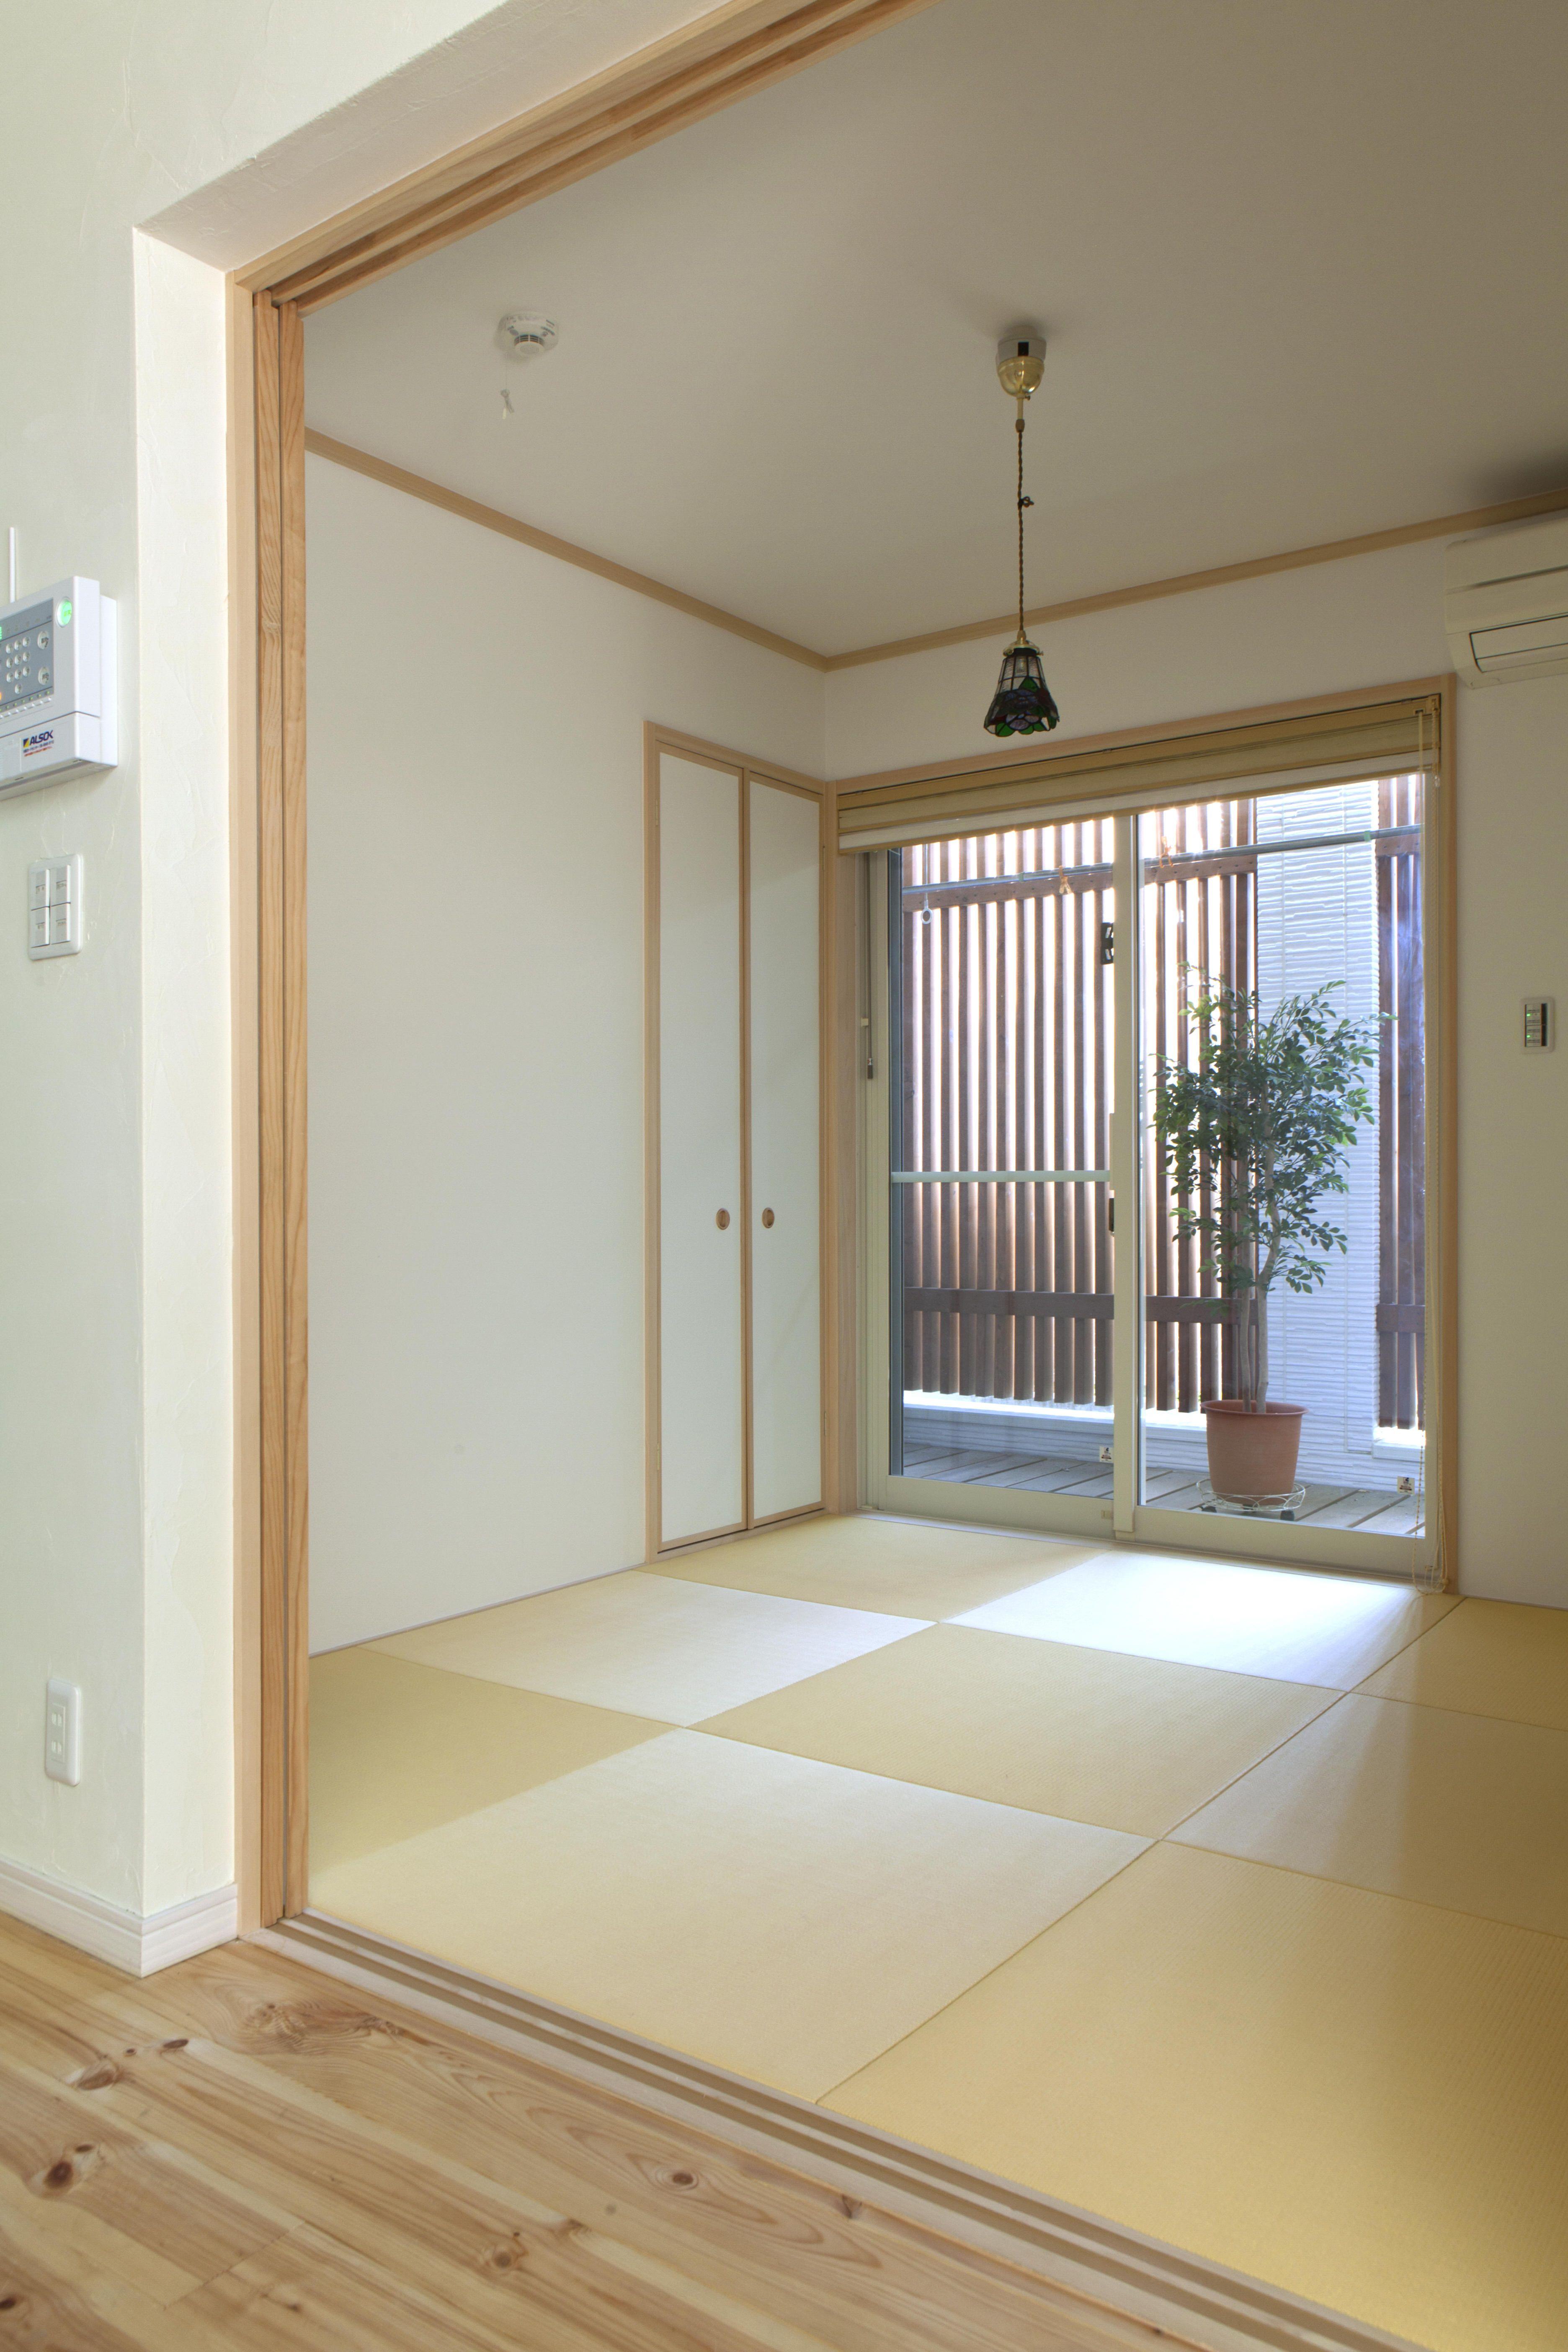 人通りの多い道路に面した和室は 小さなバルコニーを設け木の格子を